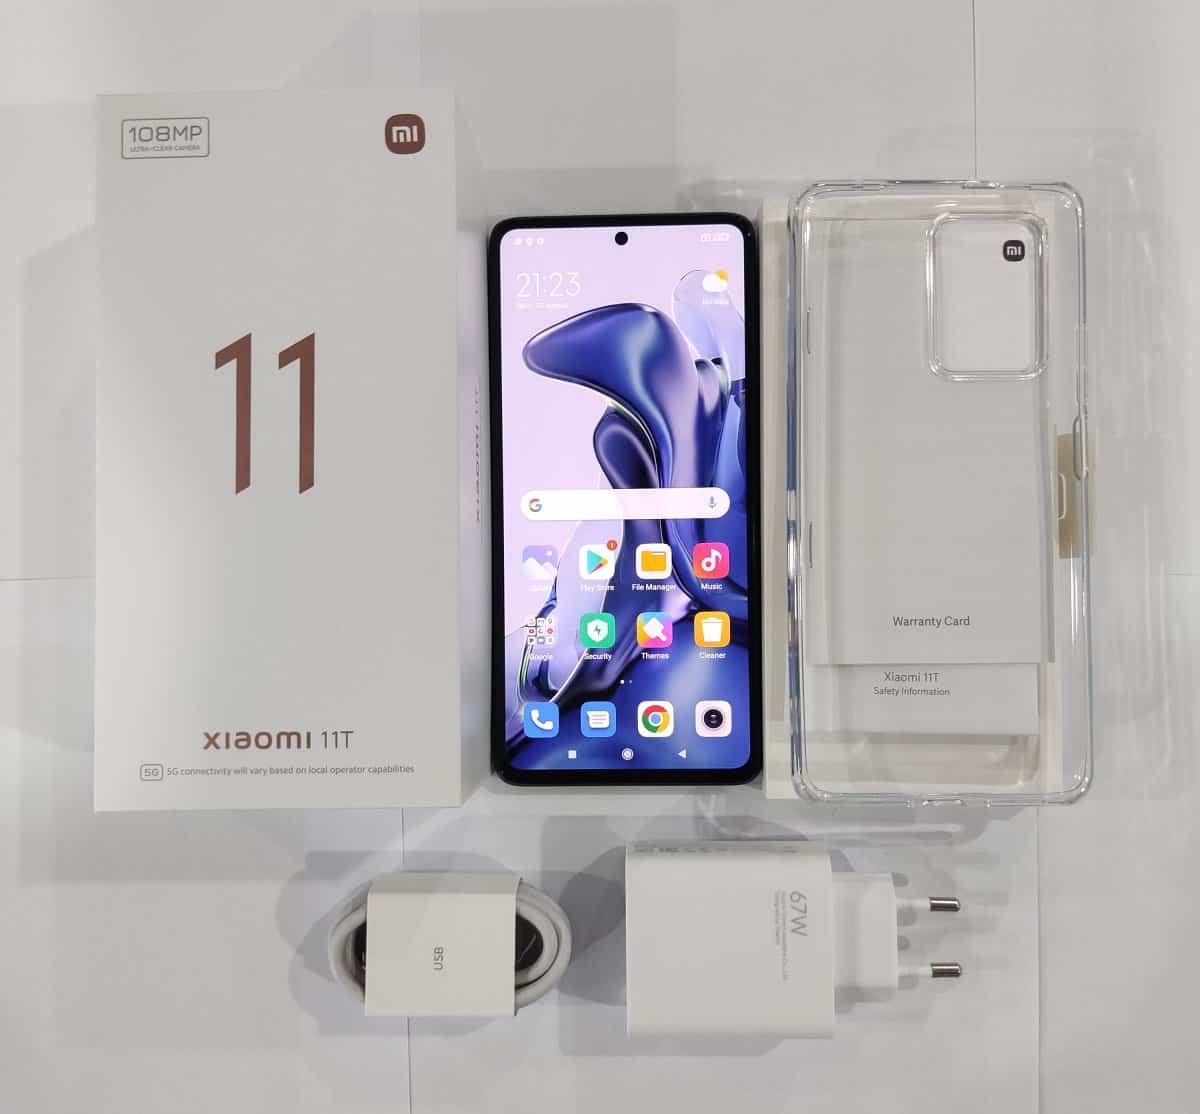 Xiaomi 11T estreia em promoção no Aliexpress (CUPOM)